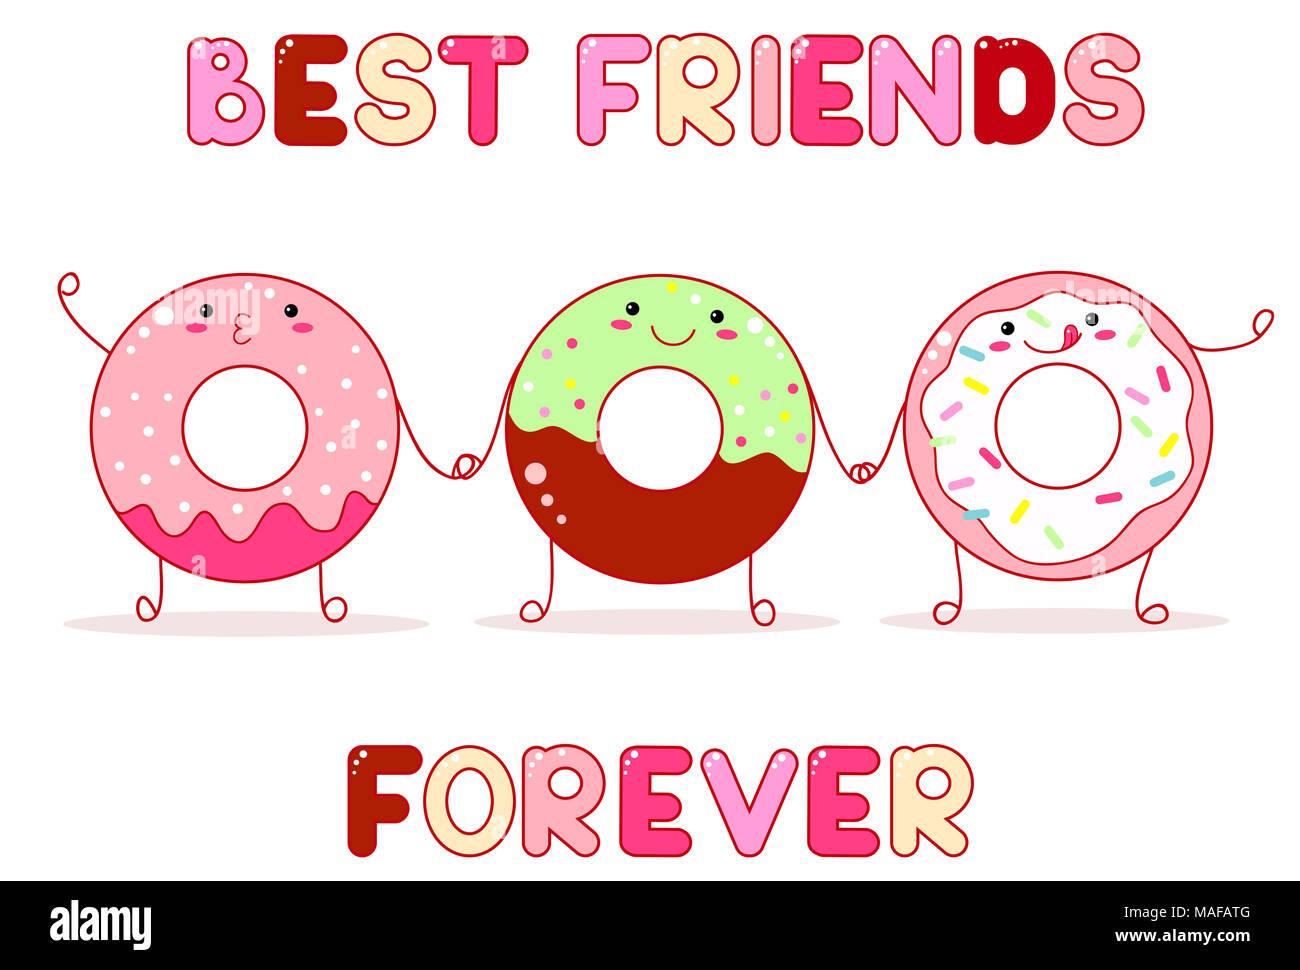 best friends forever stock